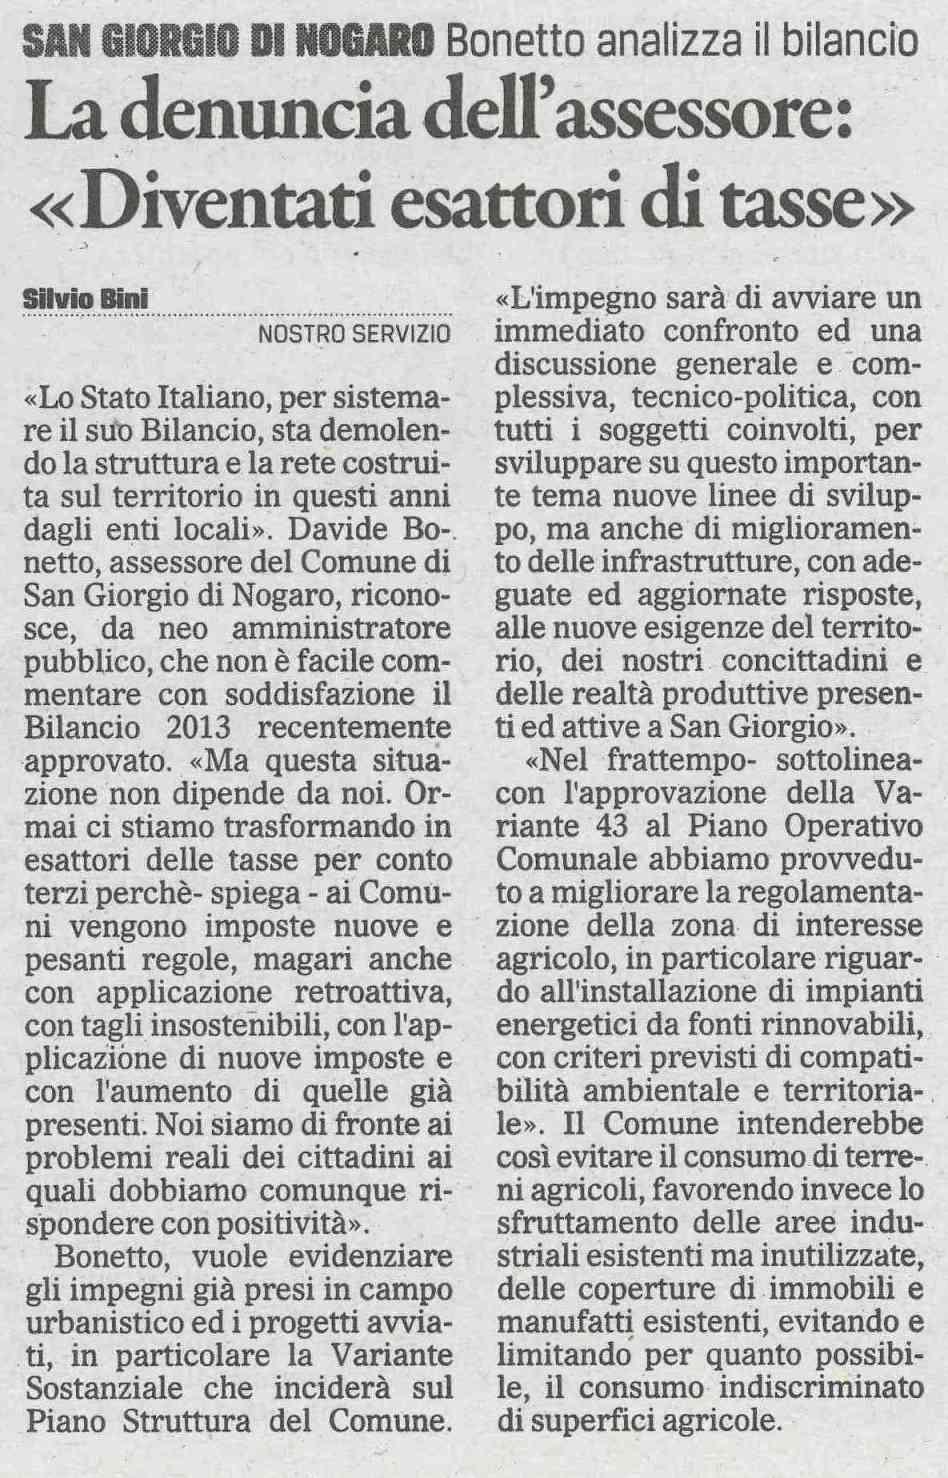 Rassegna stampa del 05.09.2013 Il Gazzettino